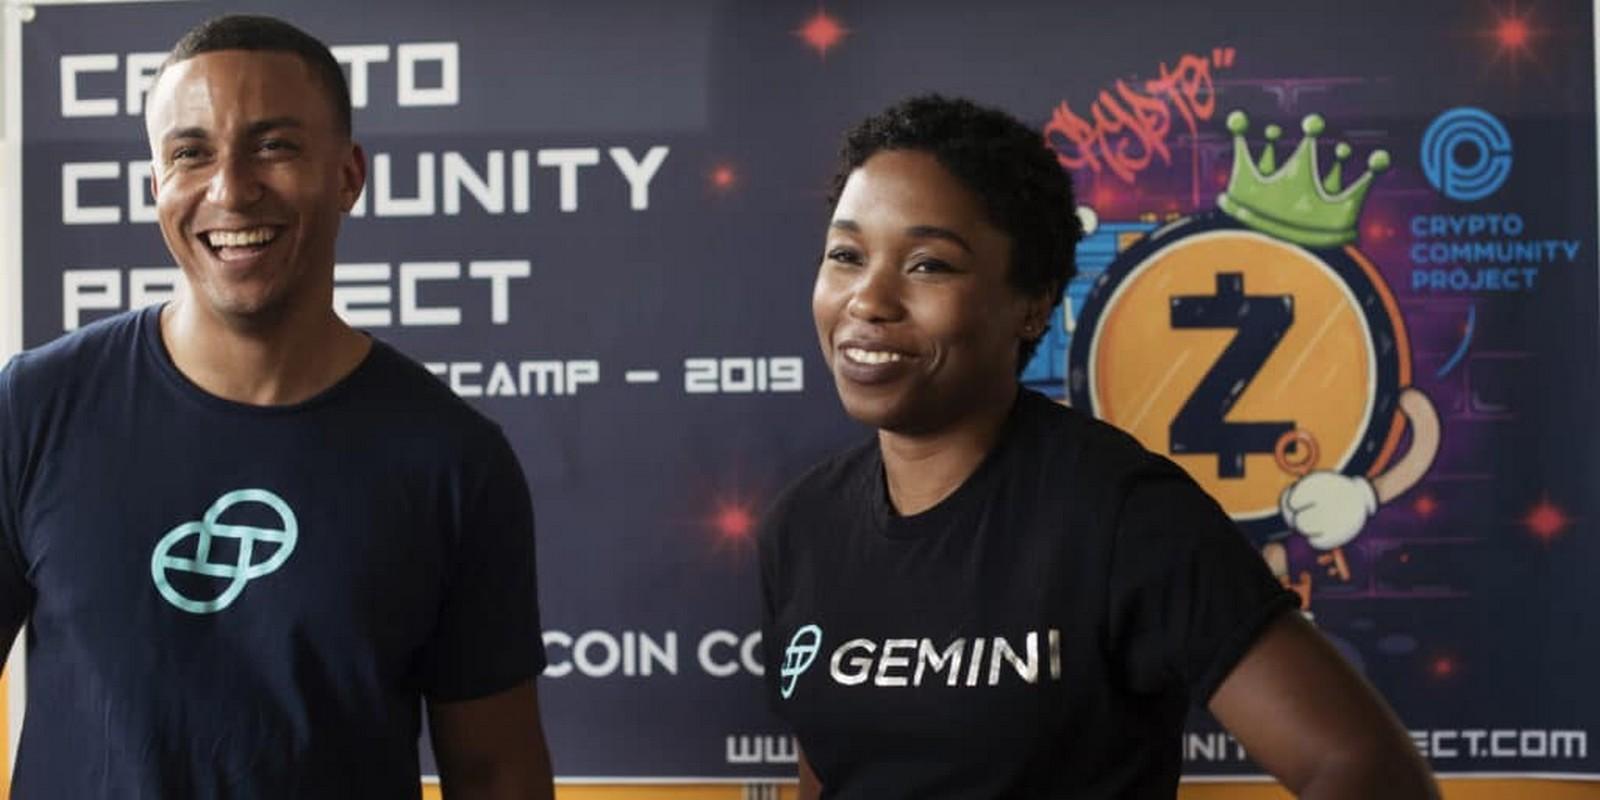 L'Electric Coin Company (Zcash) lance un projet d'éducation aux cryptos